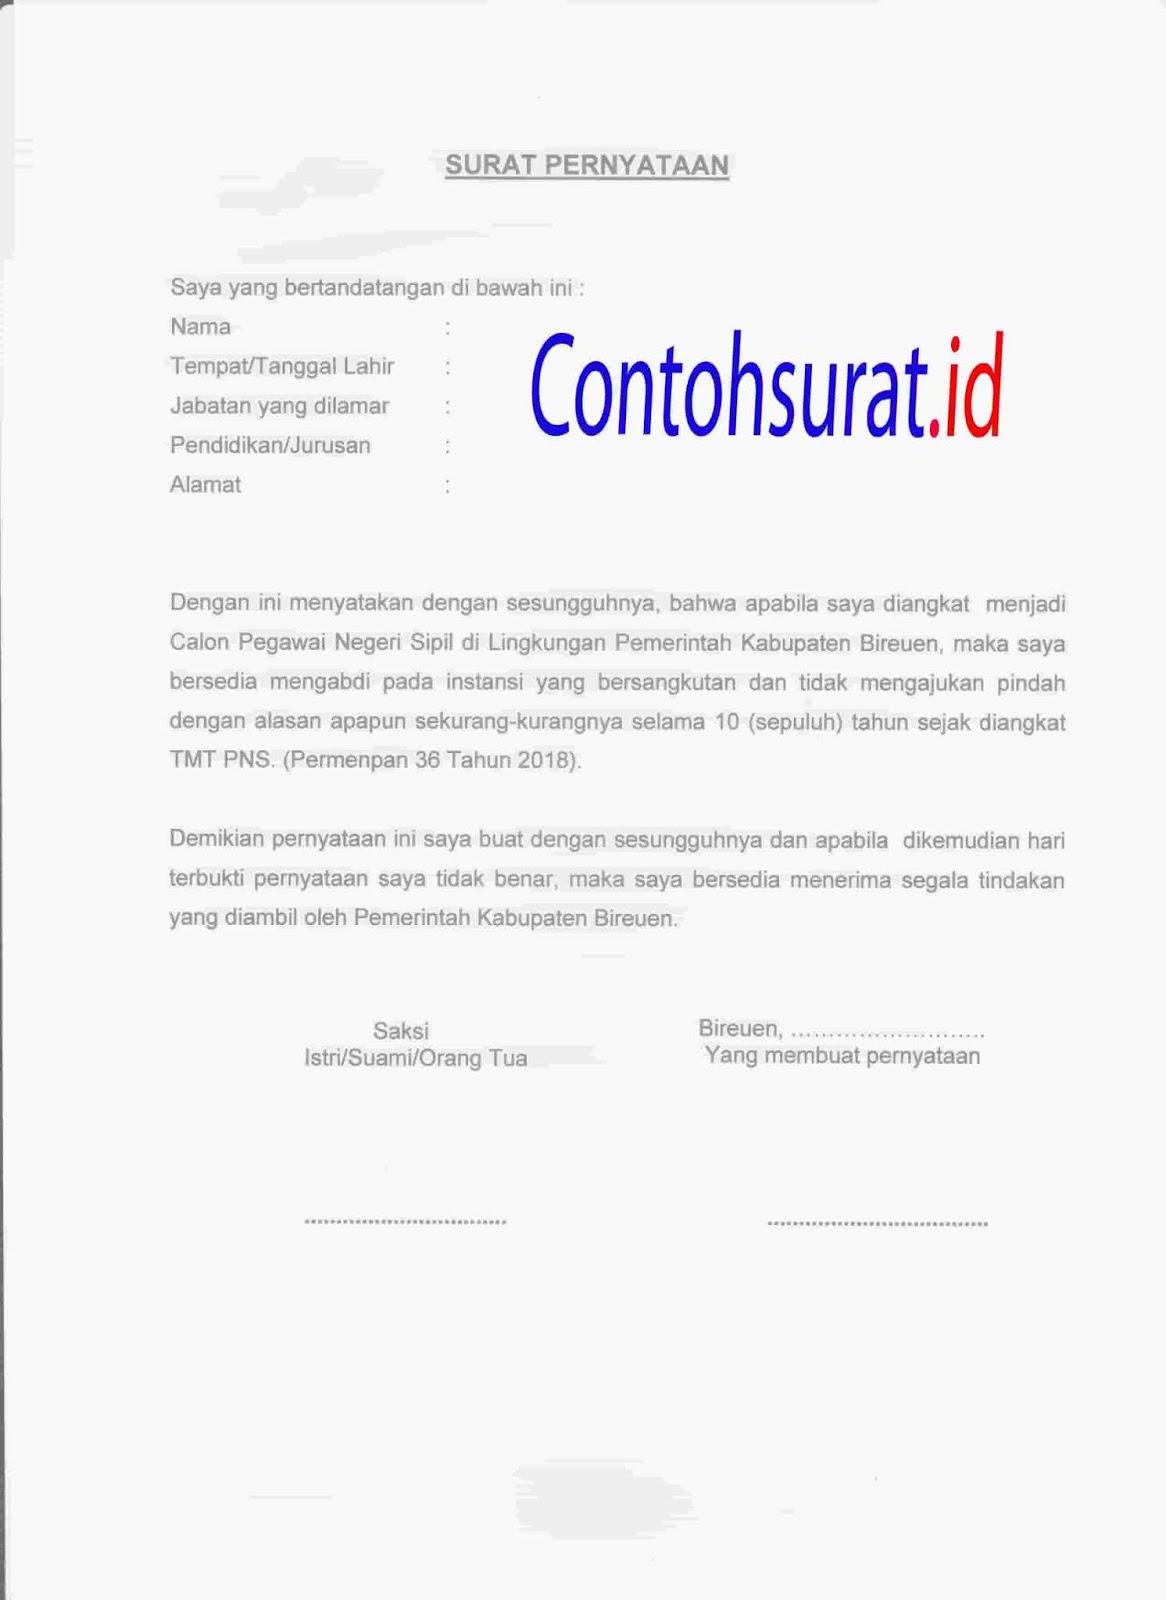 Contoh Surat Pernyataan Tidak Mengajukan Pindah Selama 10